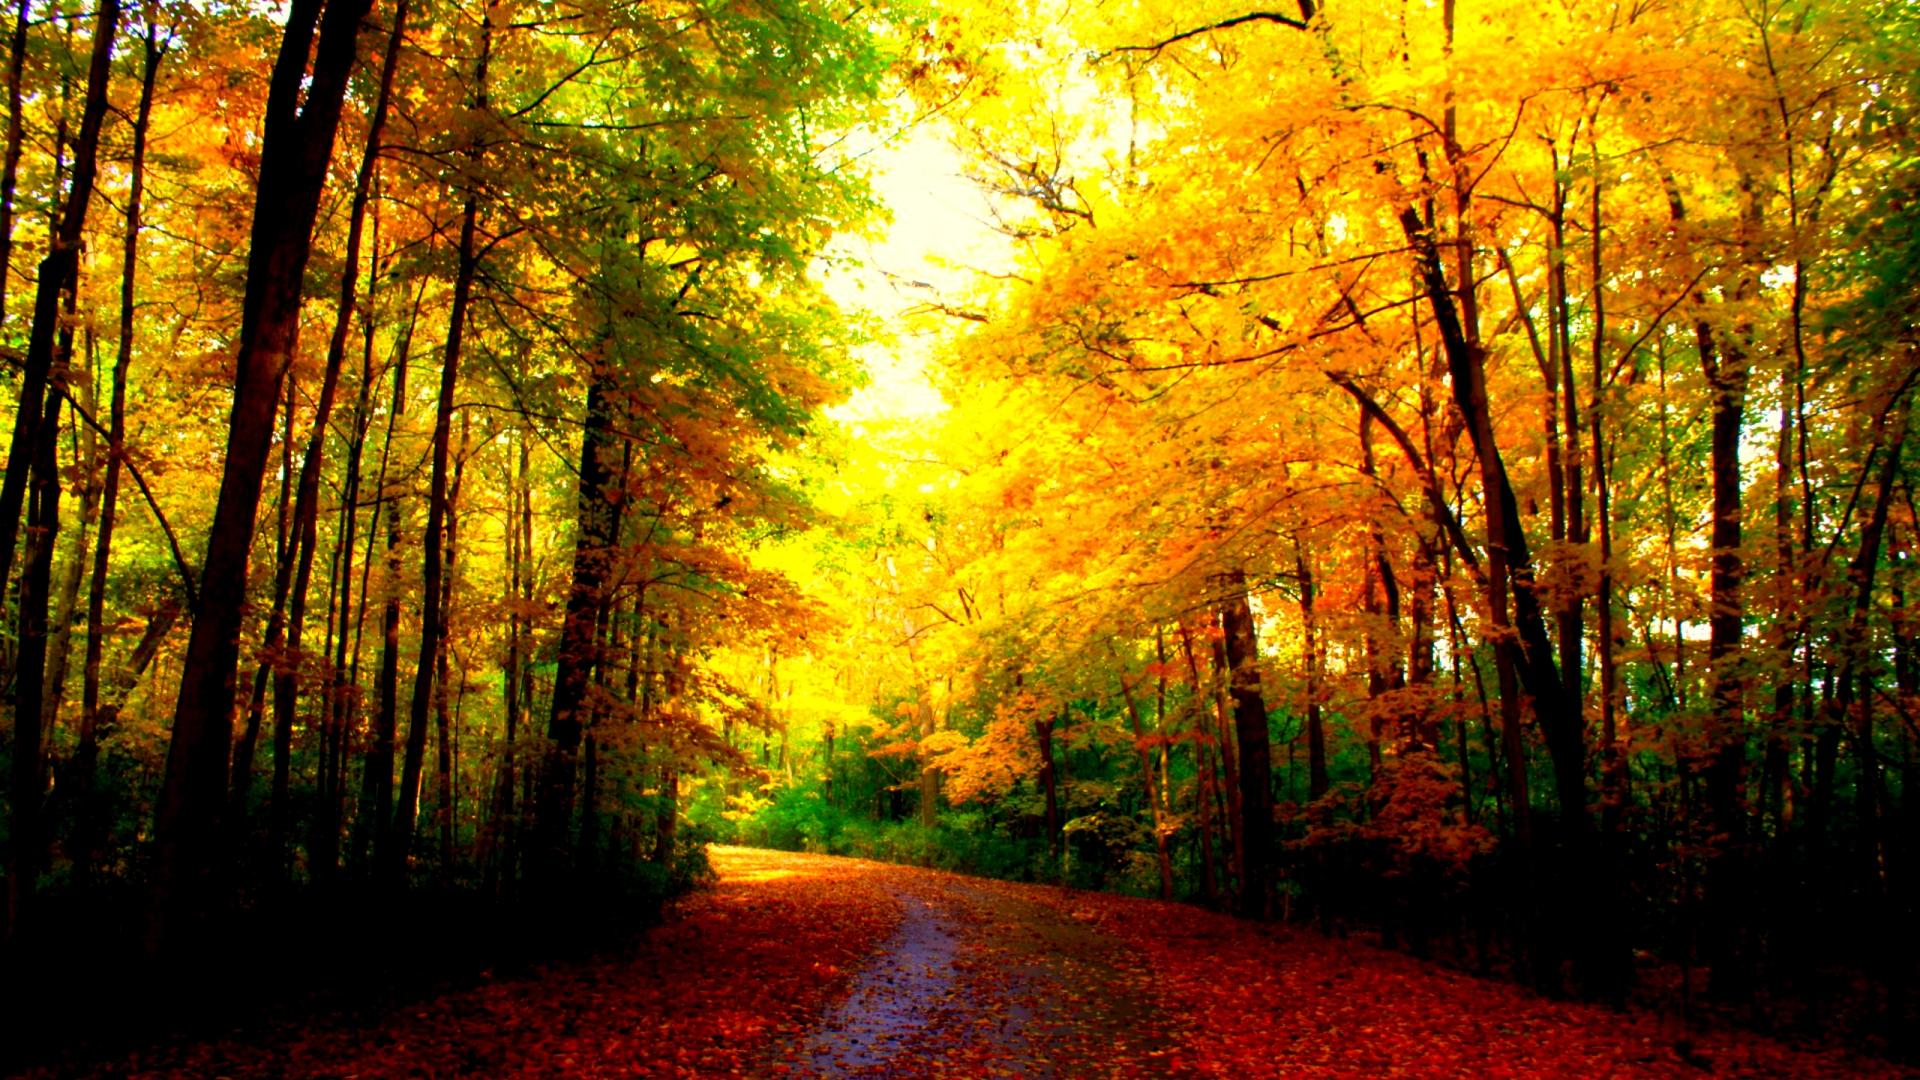 Hình nền mùa thu Autumn19b